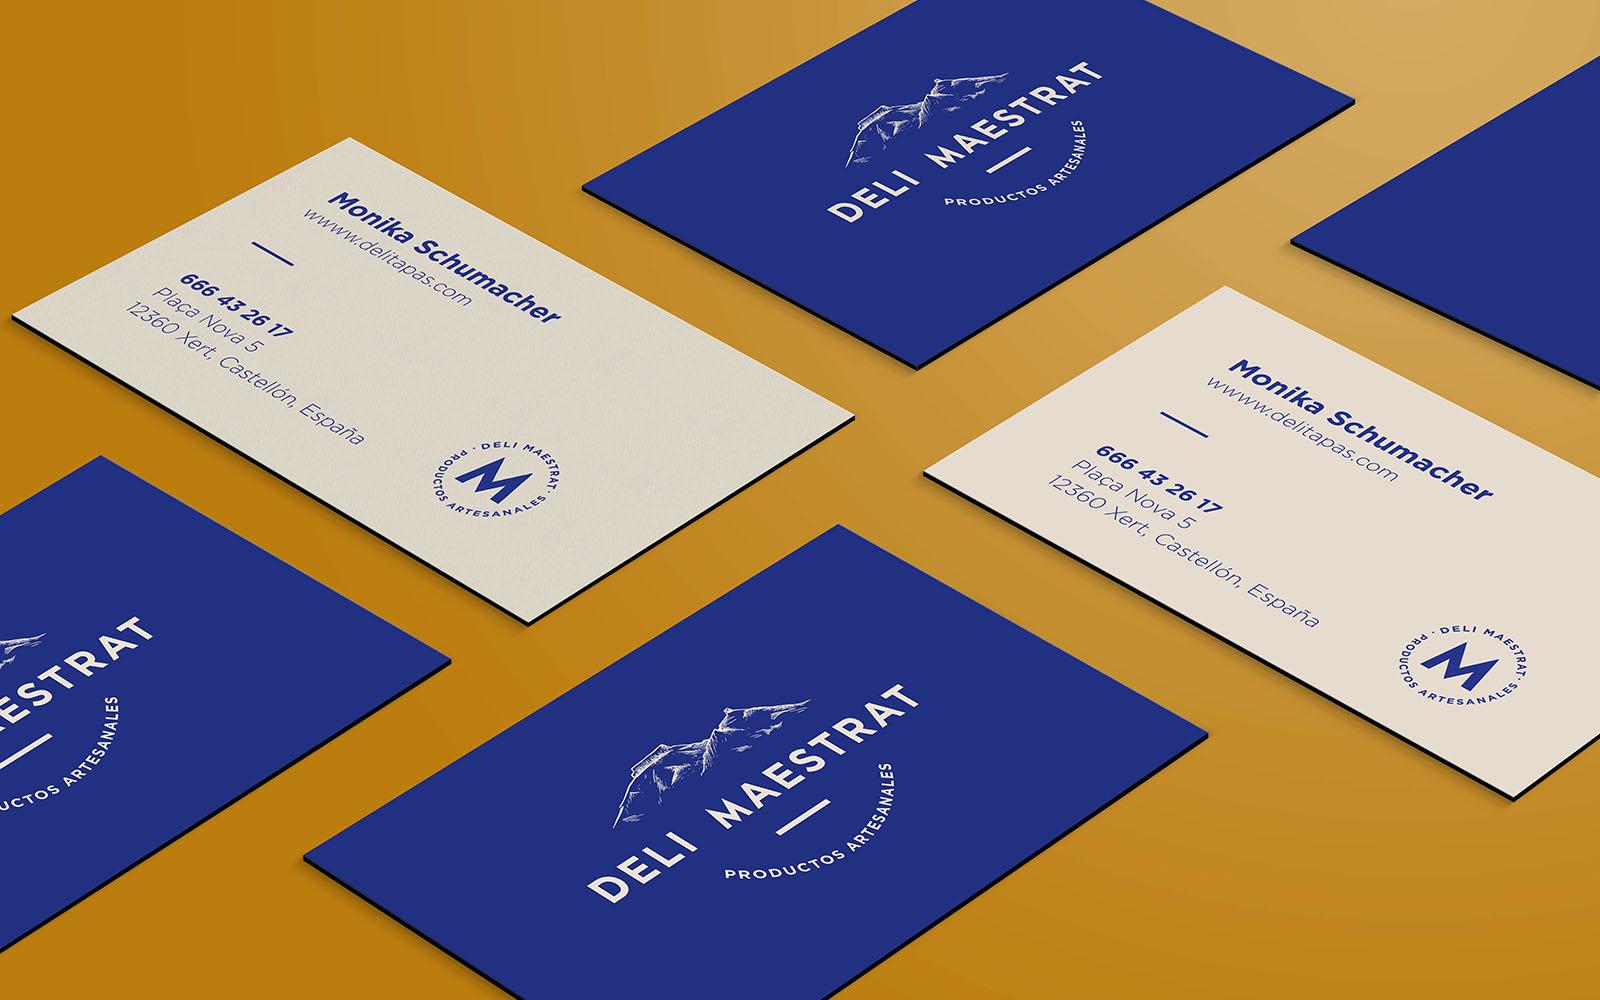 Diseño de tarjetas de visita para Deli Maestrat